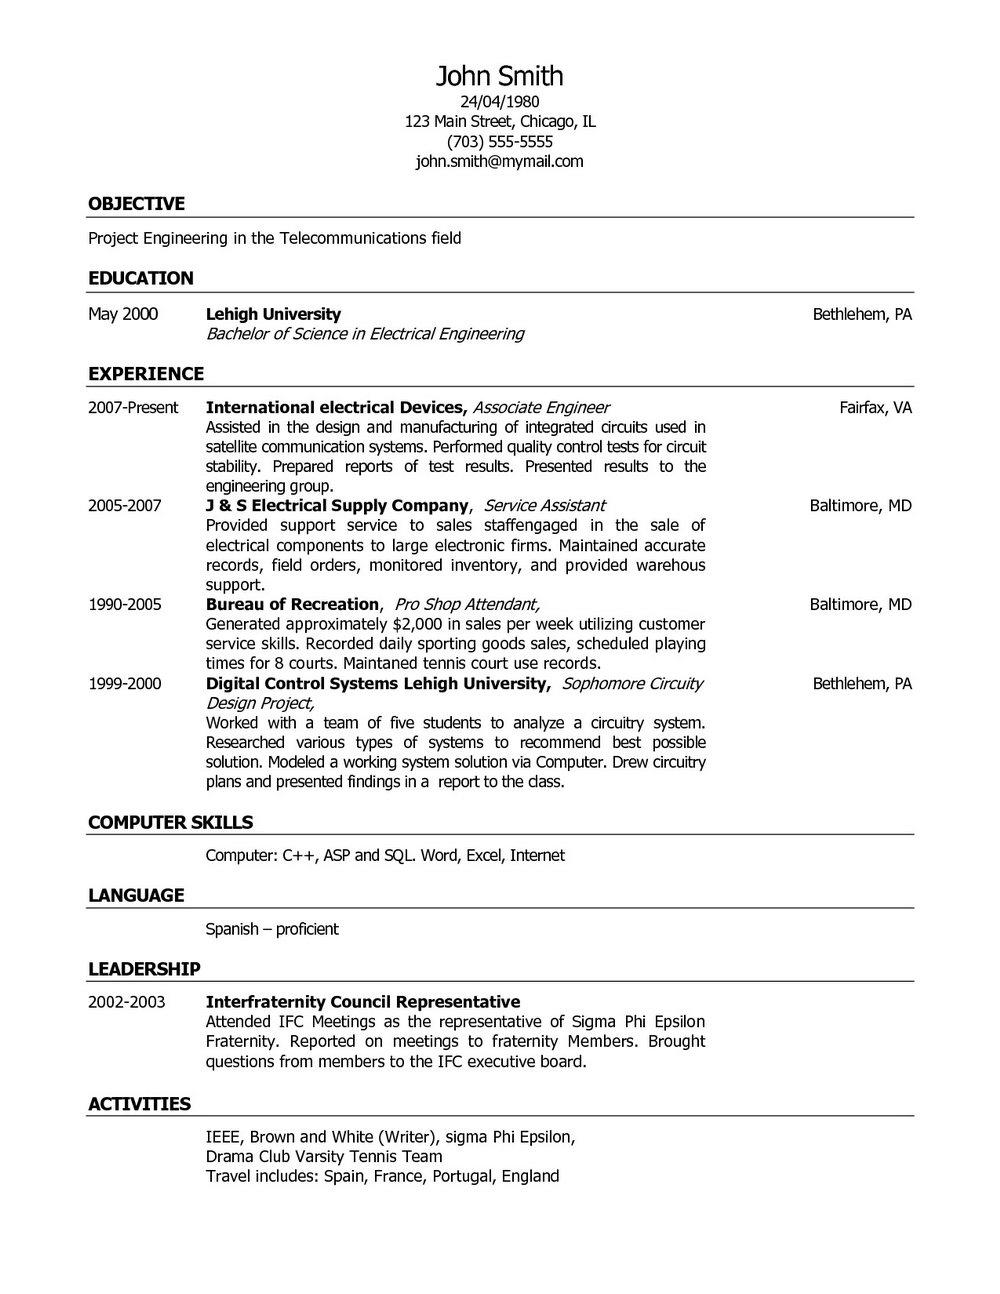 Best Resume Builder For Apple